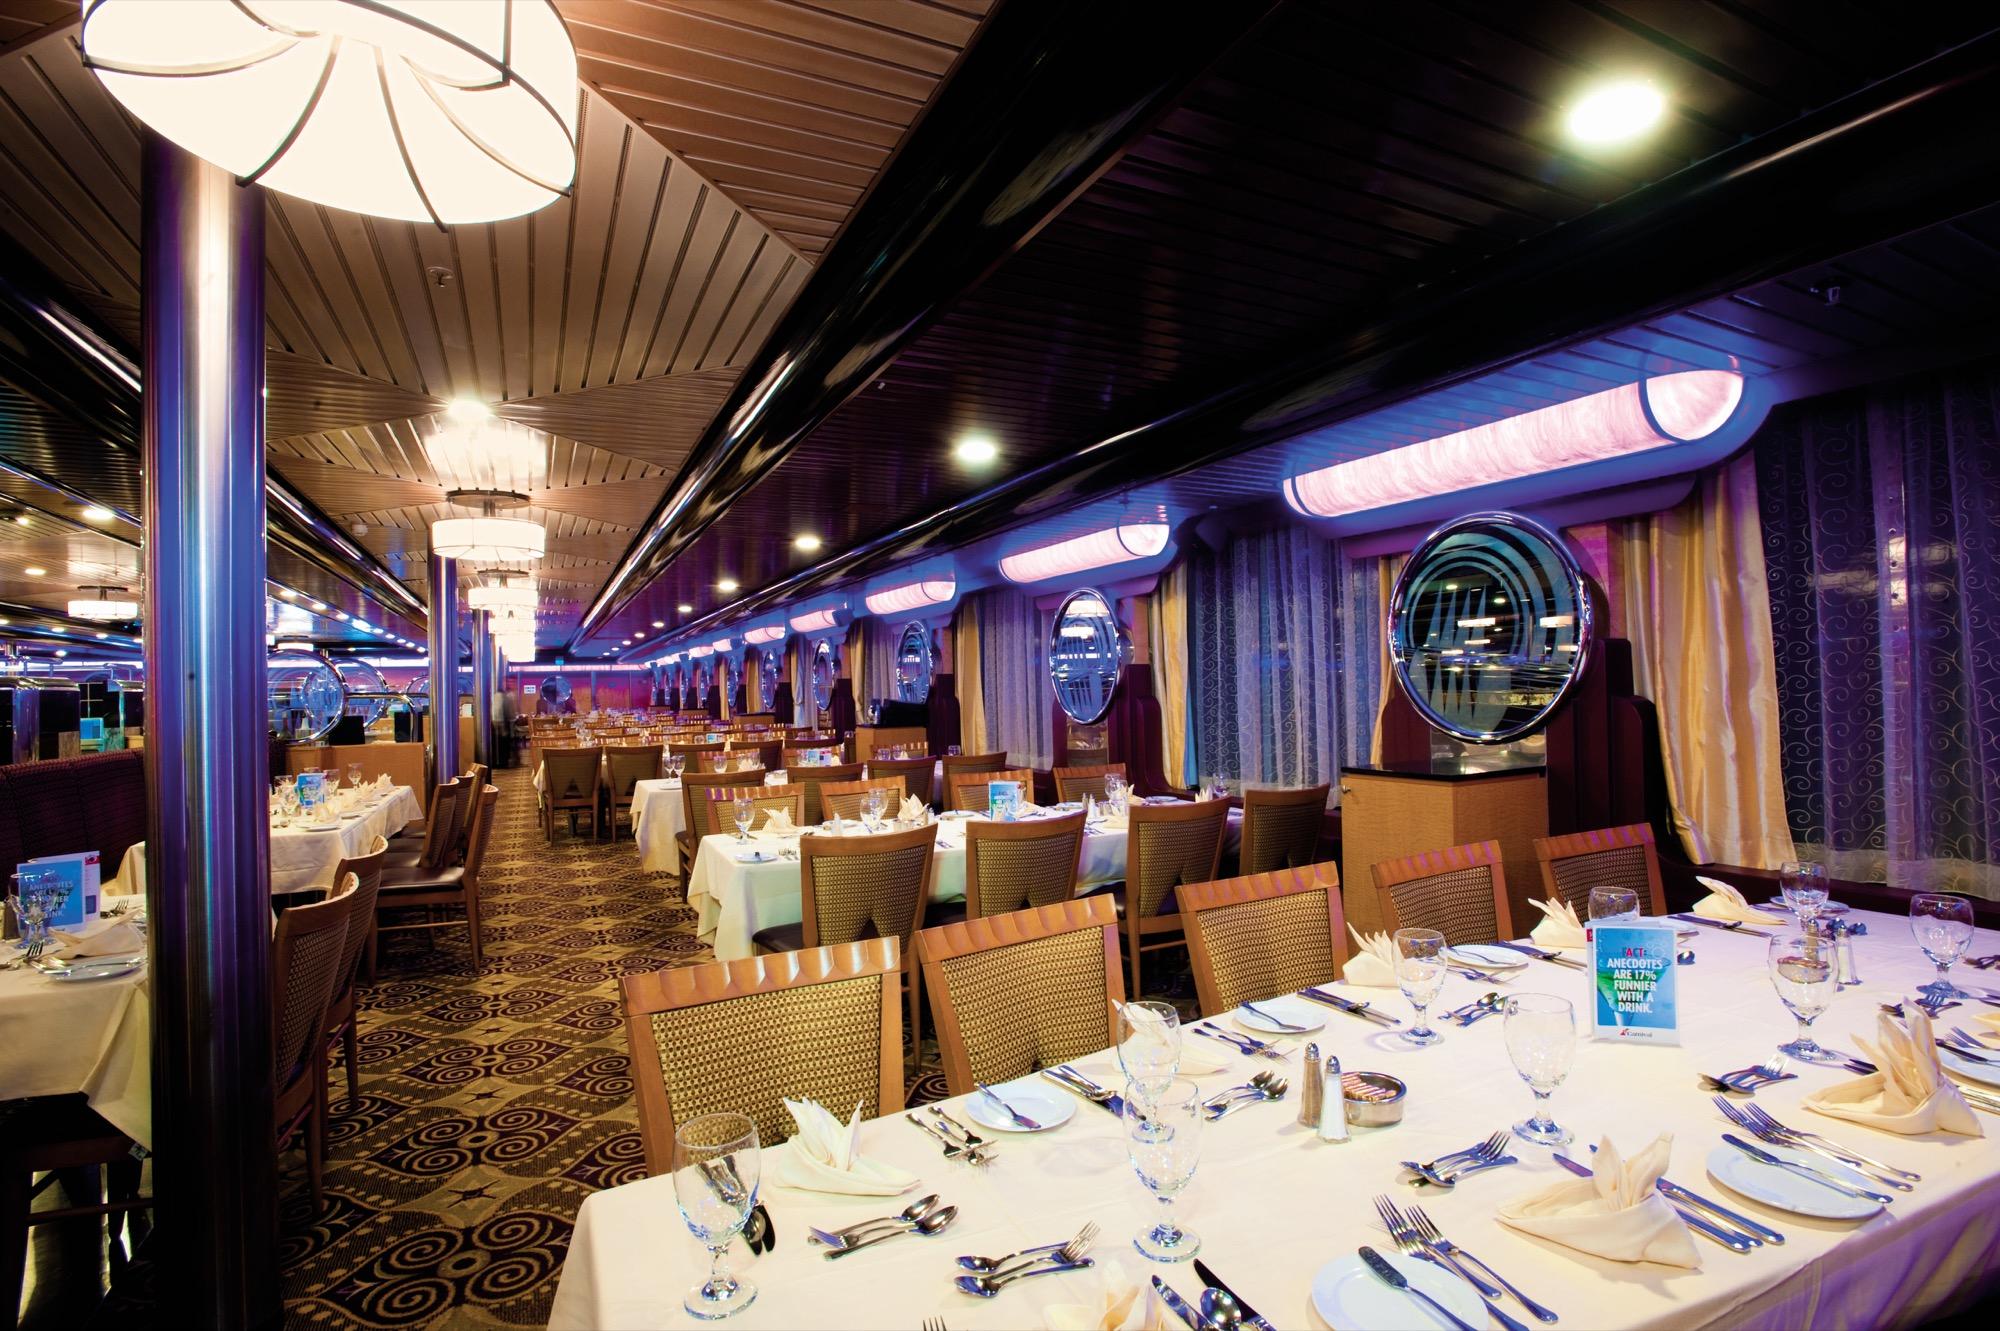 Carnival Ecstasy Winddong dining room.jpg